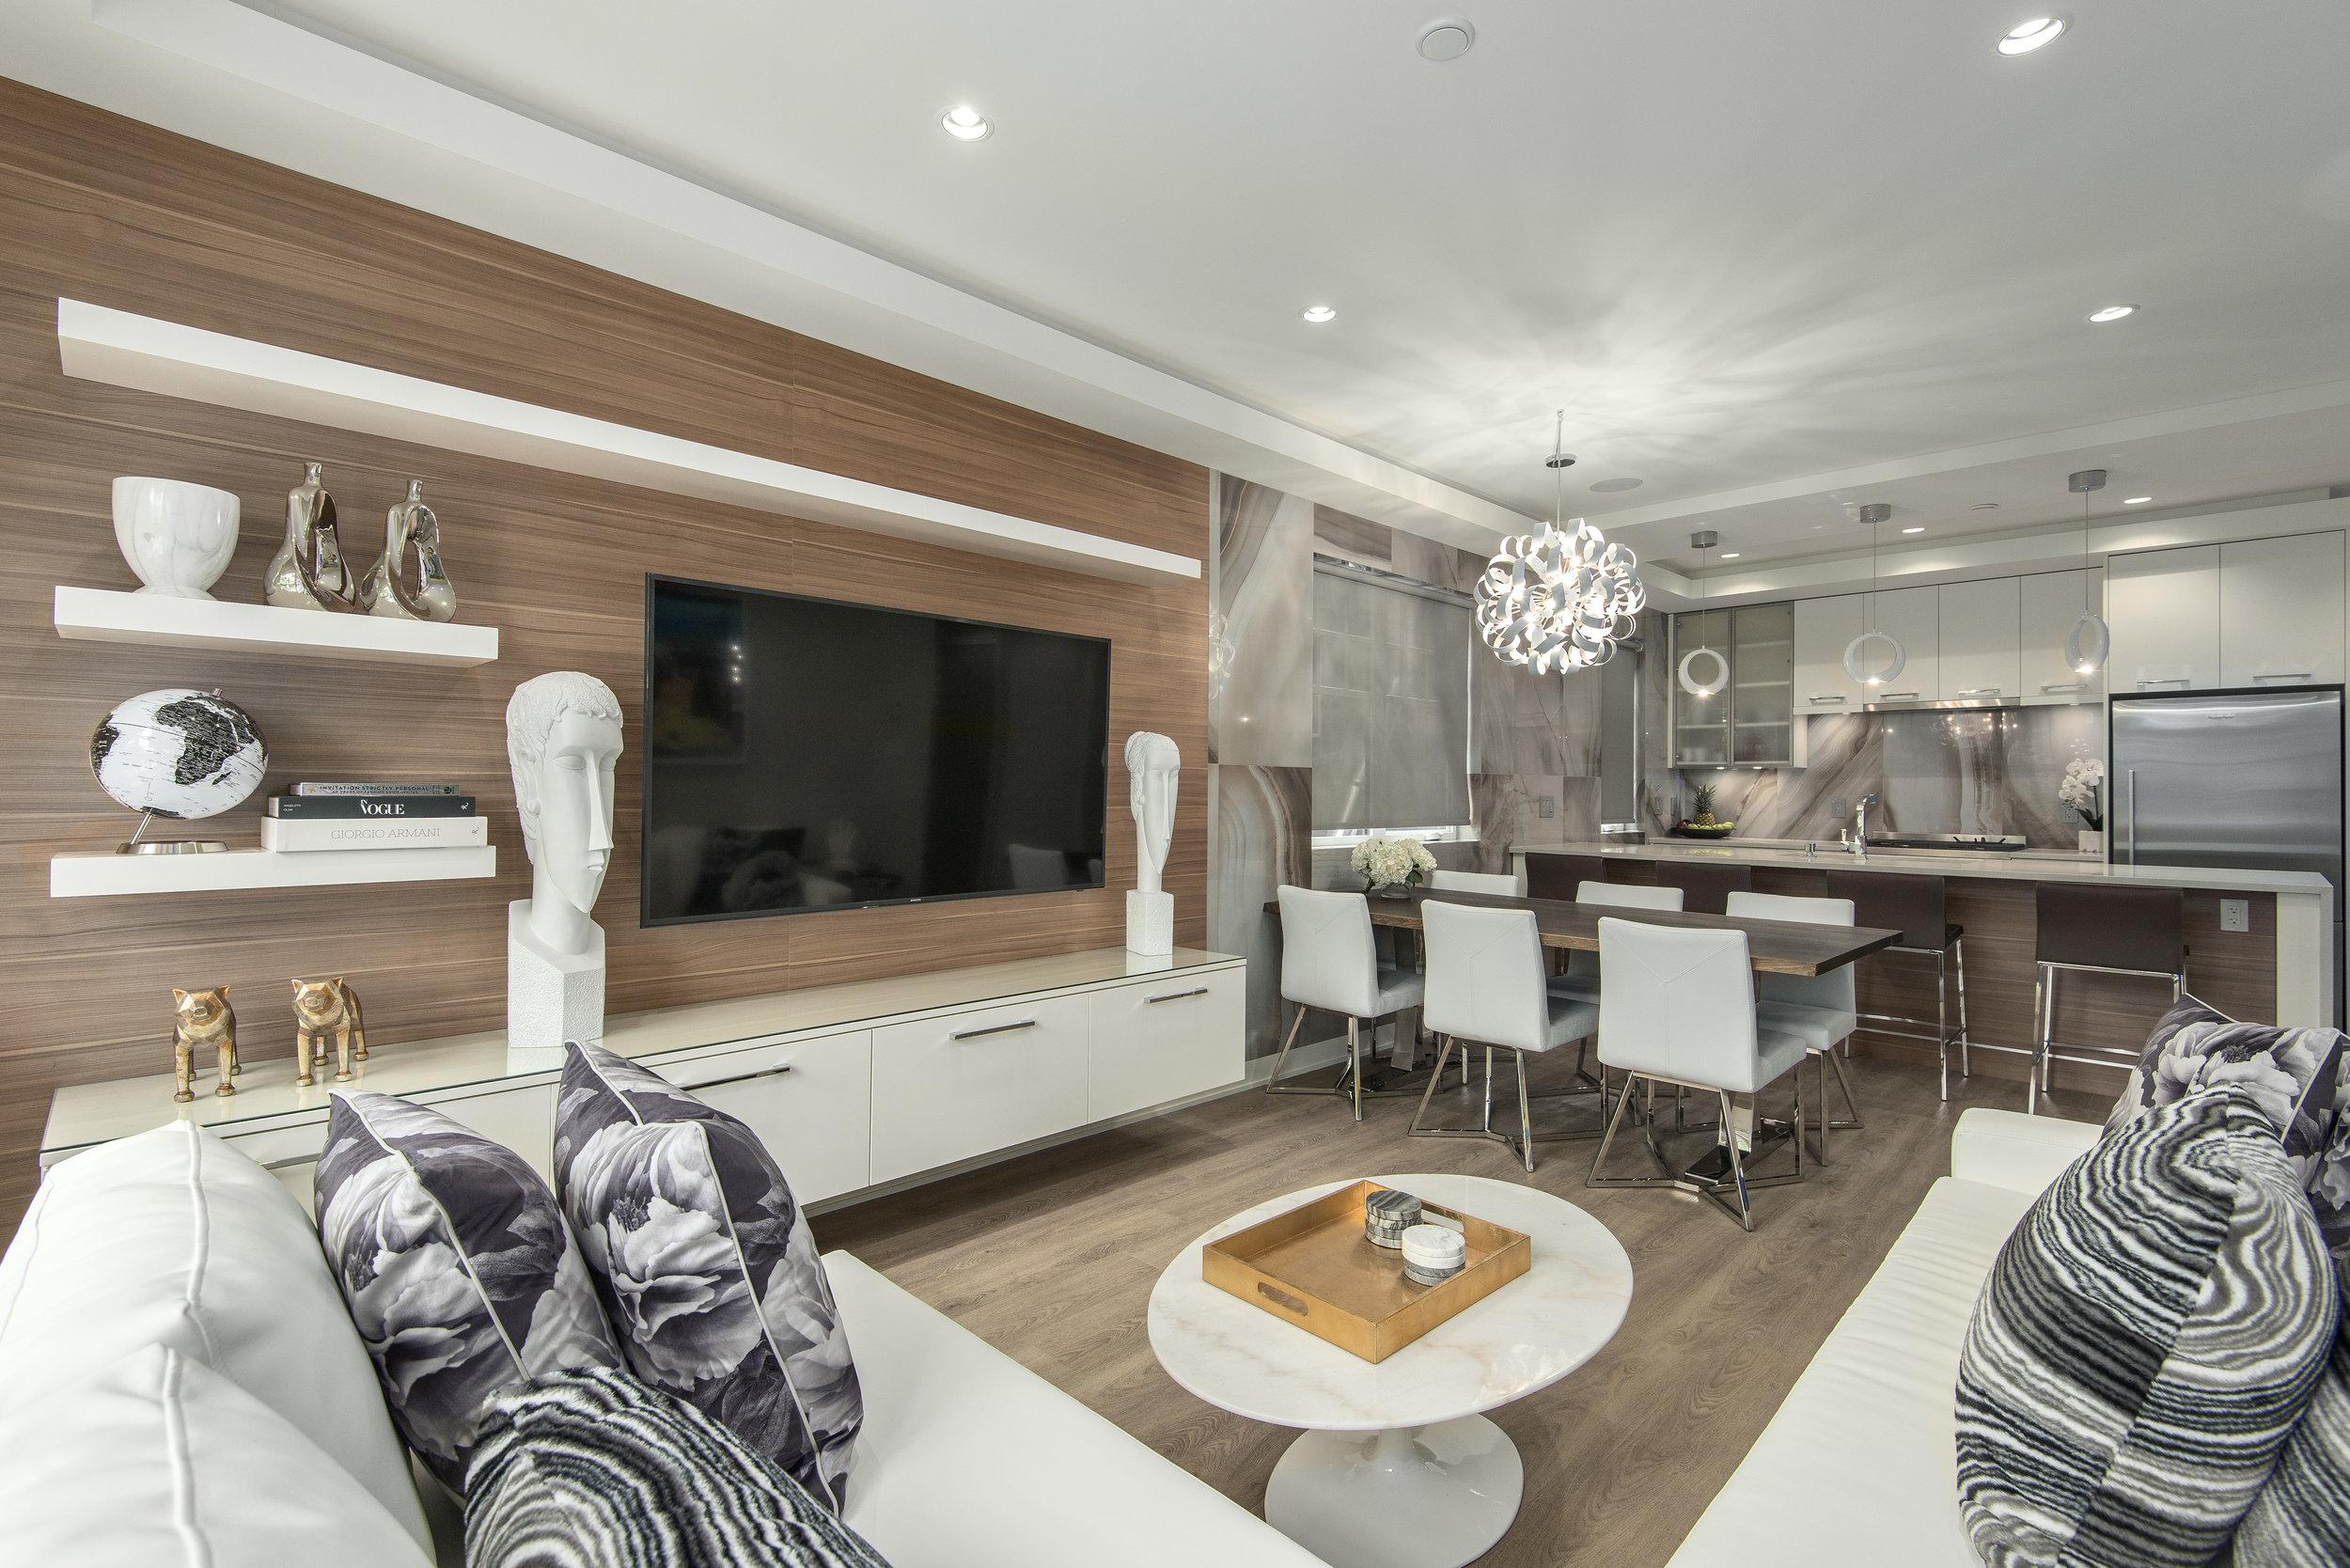 2630 W3rd Ave - Unit 1 - Living Room - 5.jpg